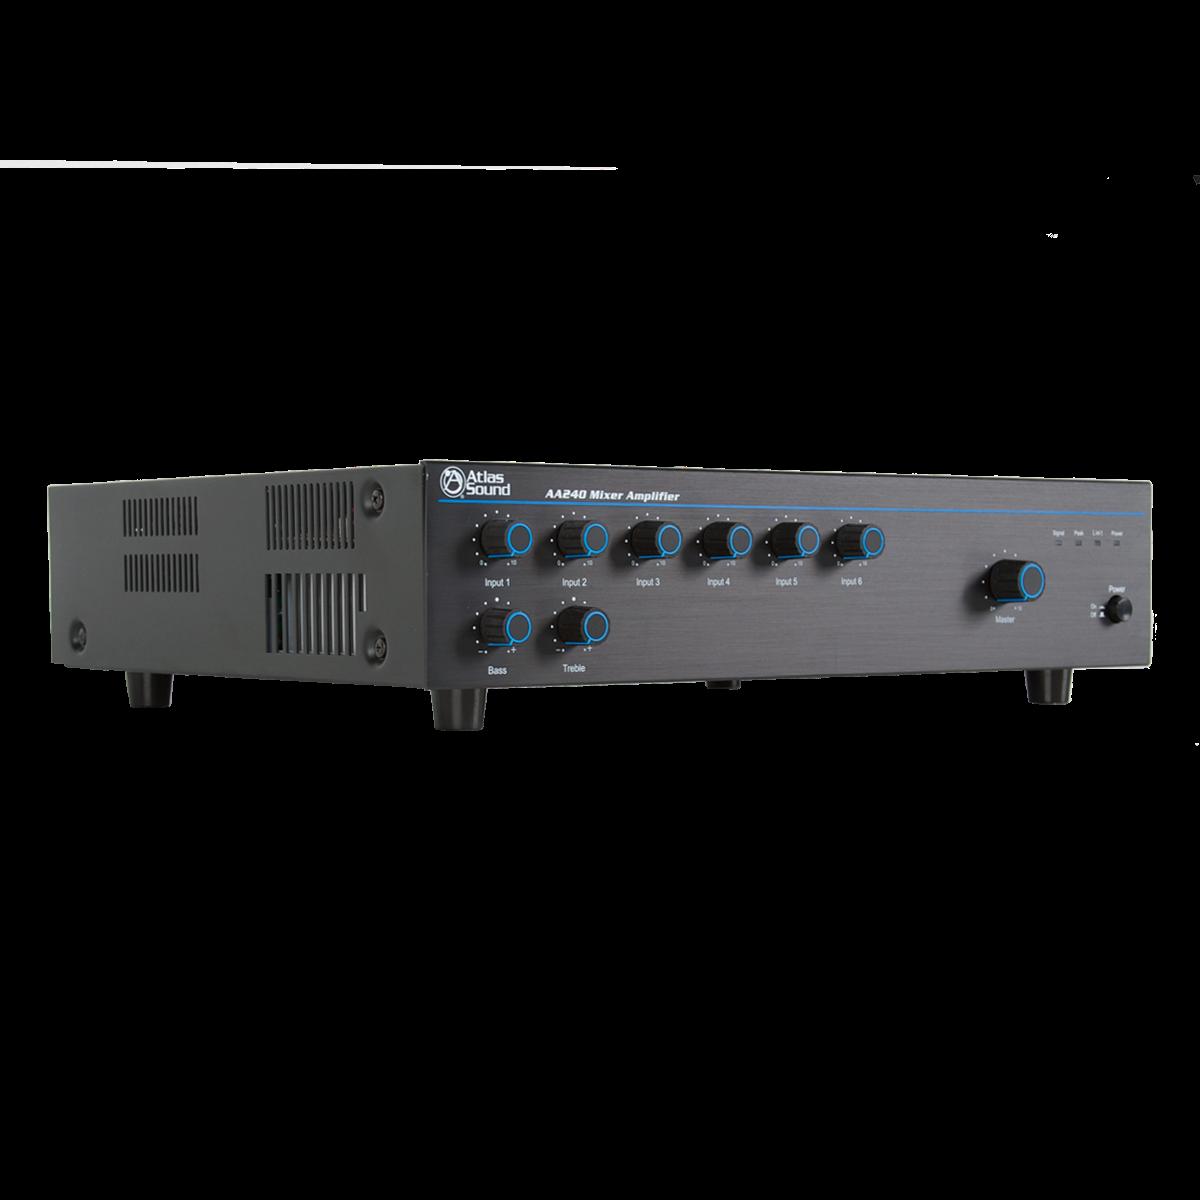 6 Input 240 Watt 25v 70v 100v 8 Mixer Amplifier Atlasied